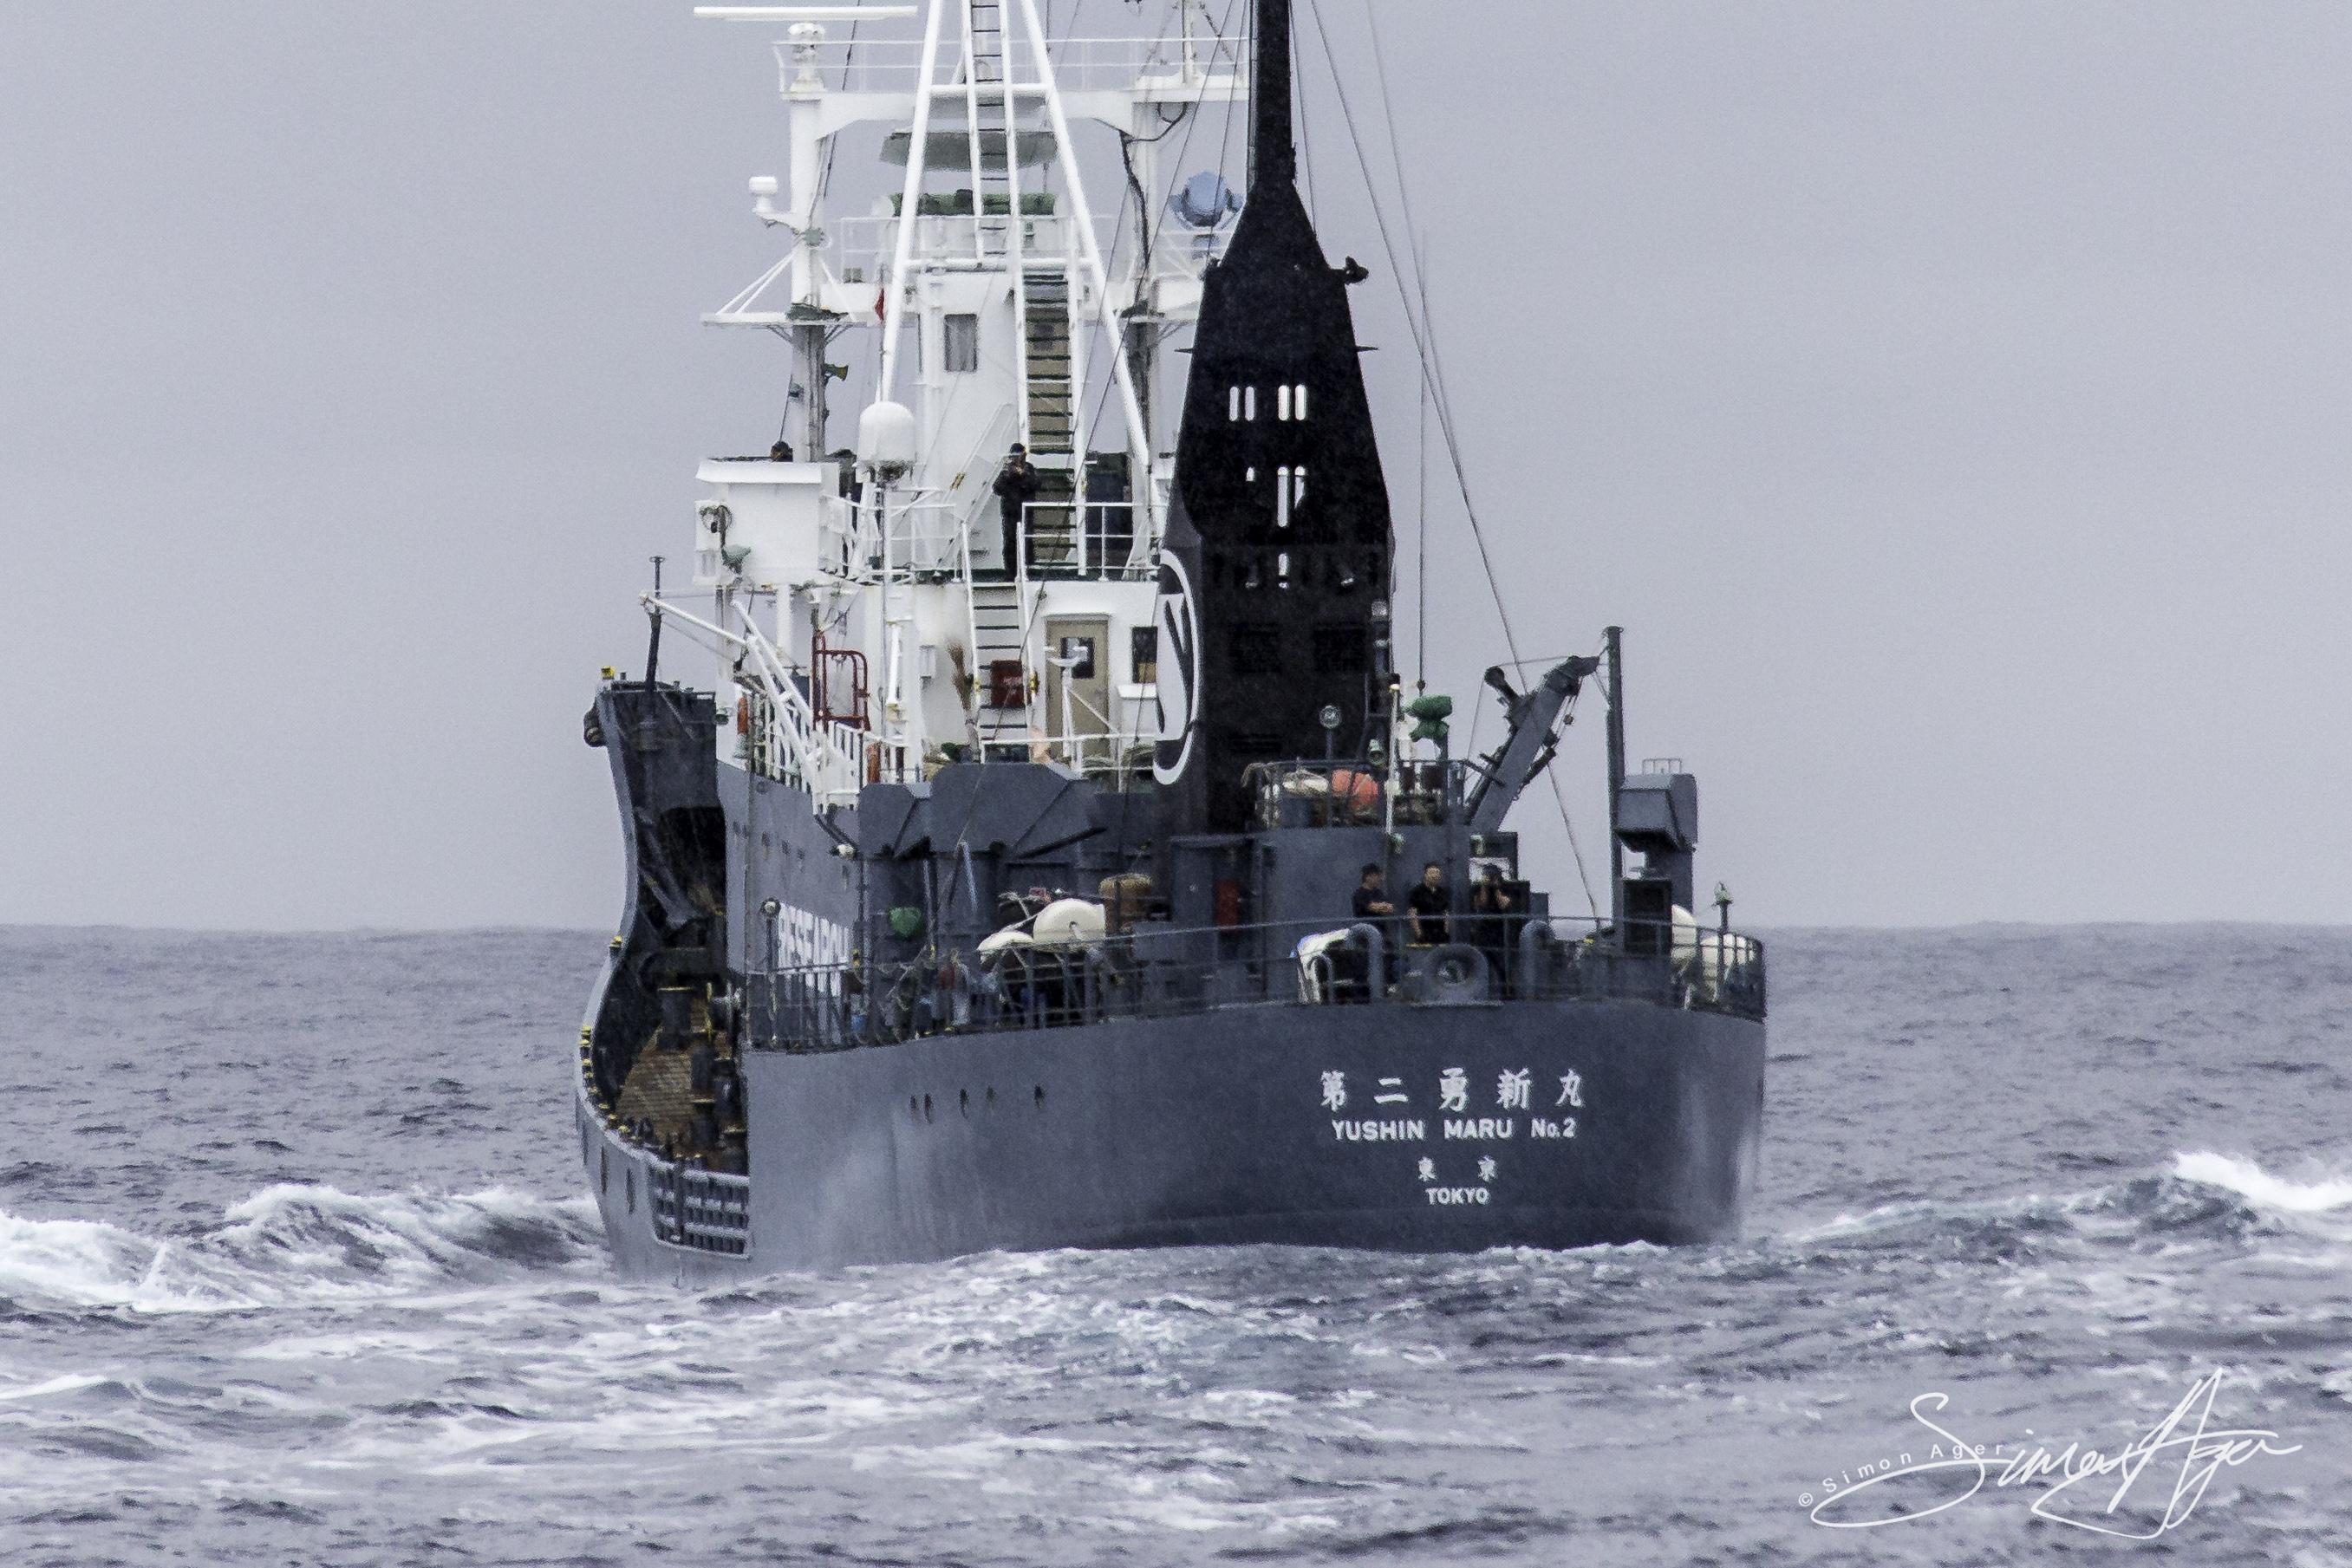 170220-SA-OW-Yushin-Maru-No2-038-7898